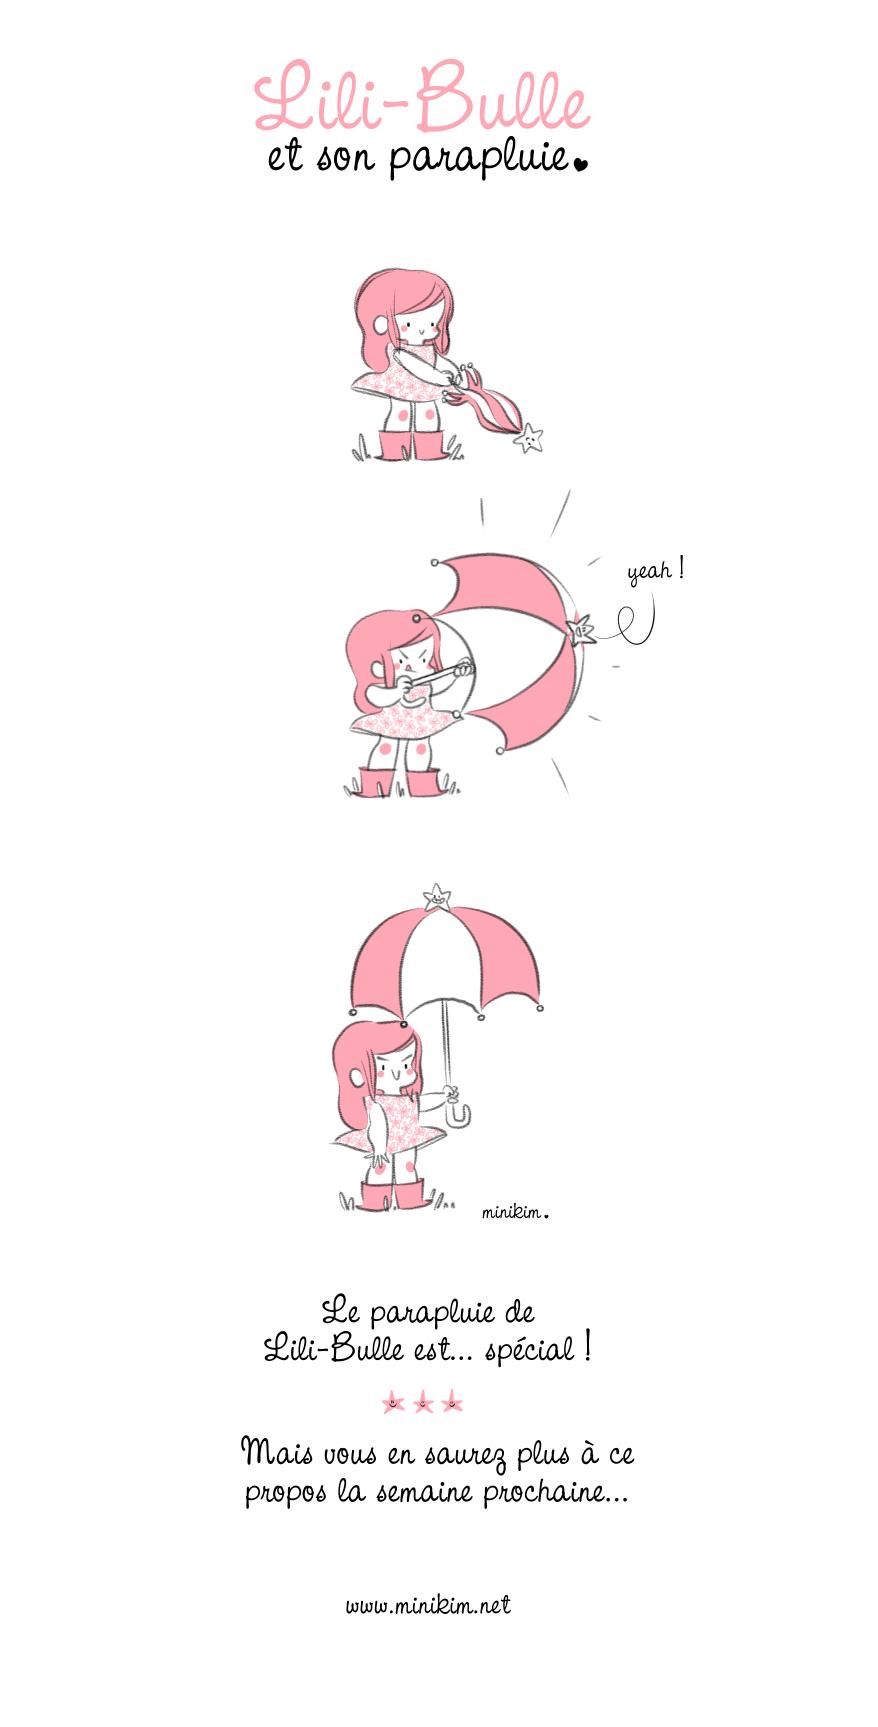 Le parapluie de Lili-Bulle est très spécial !